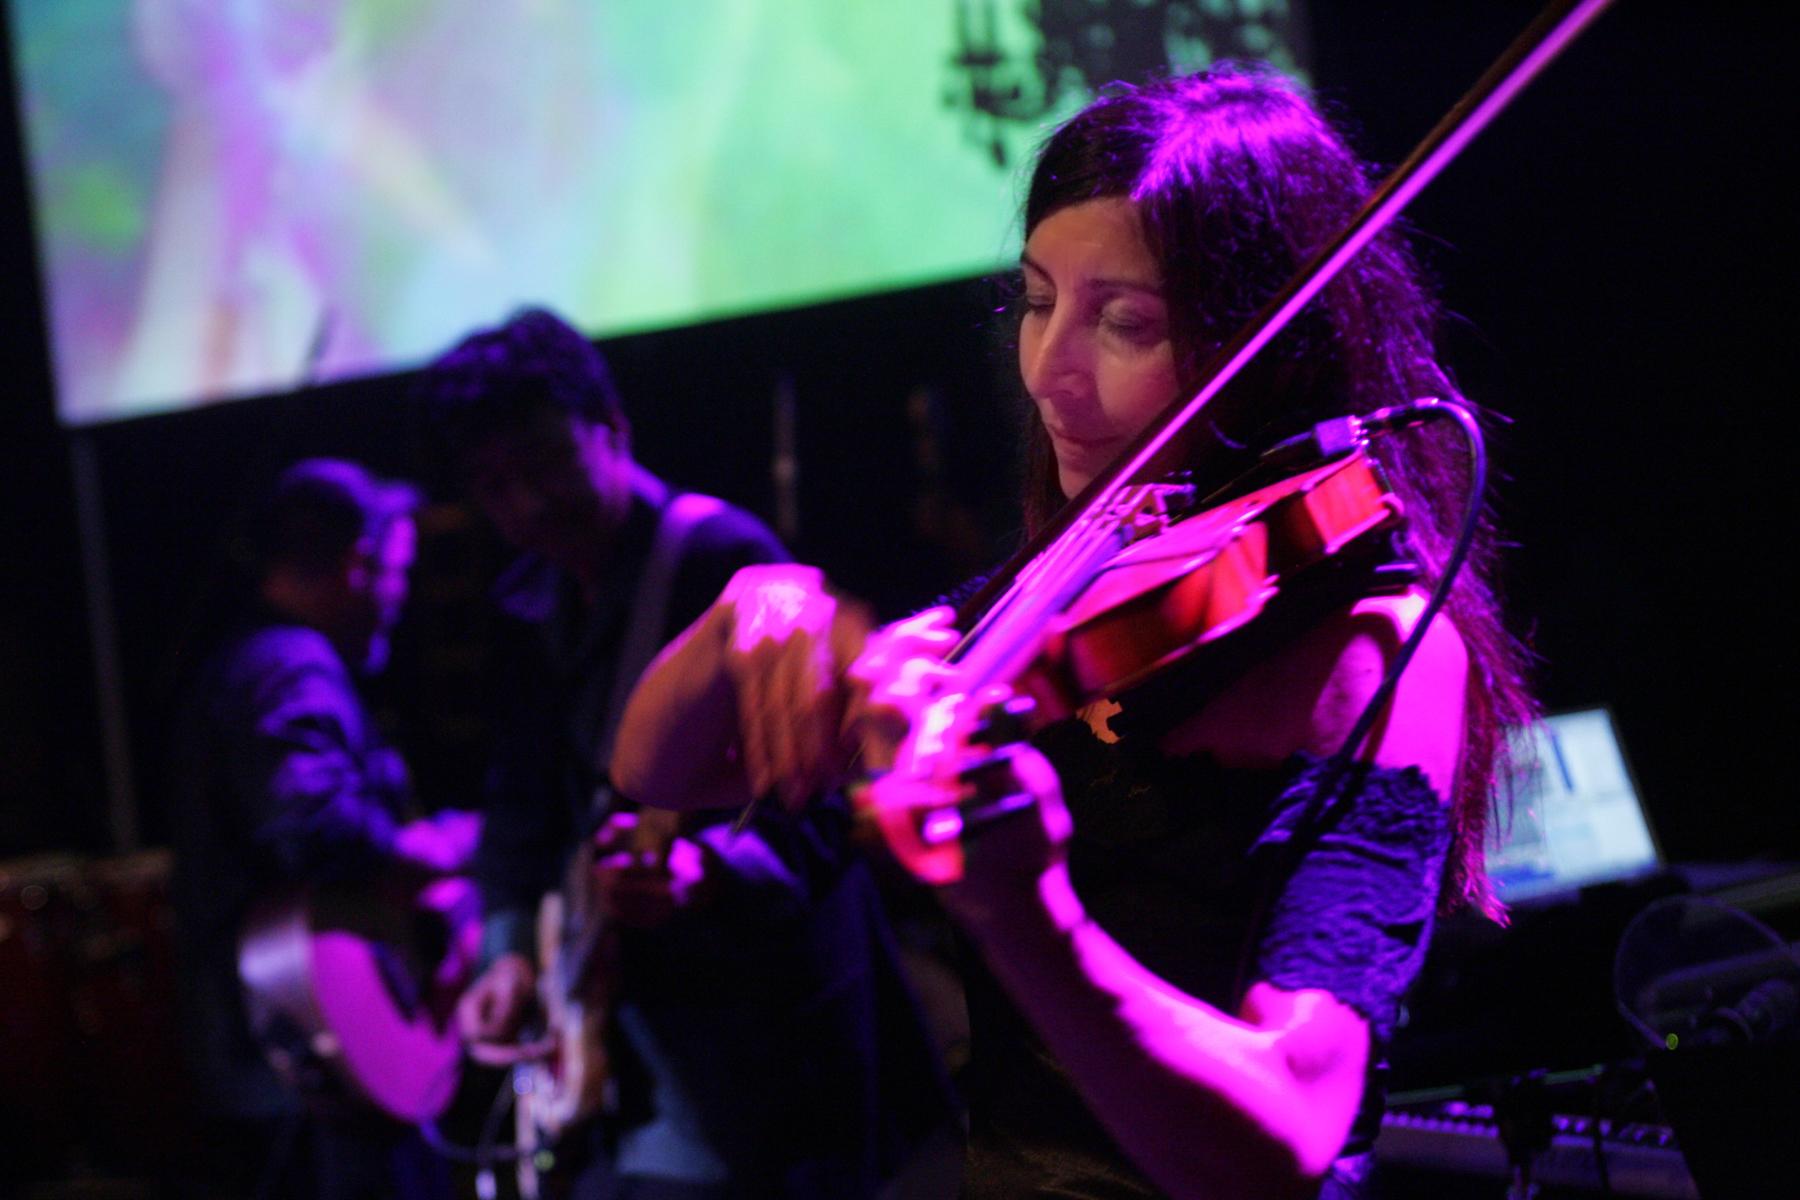 MusicHorizontal-15.jpg